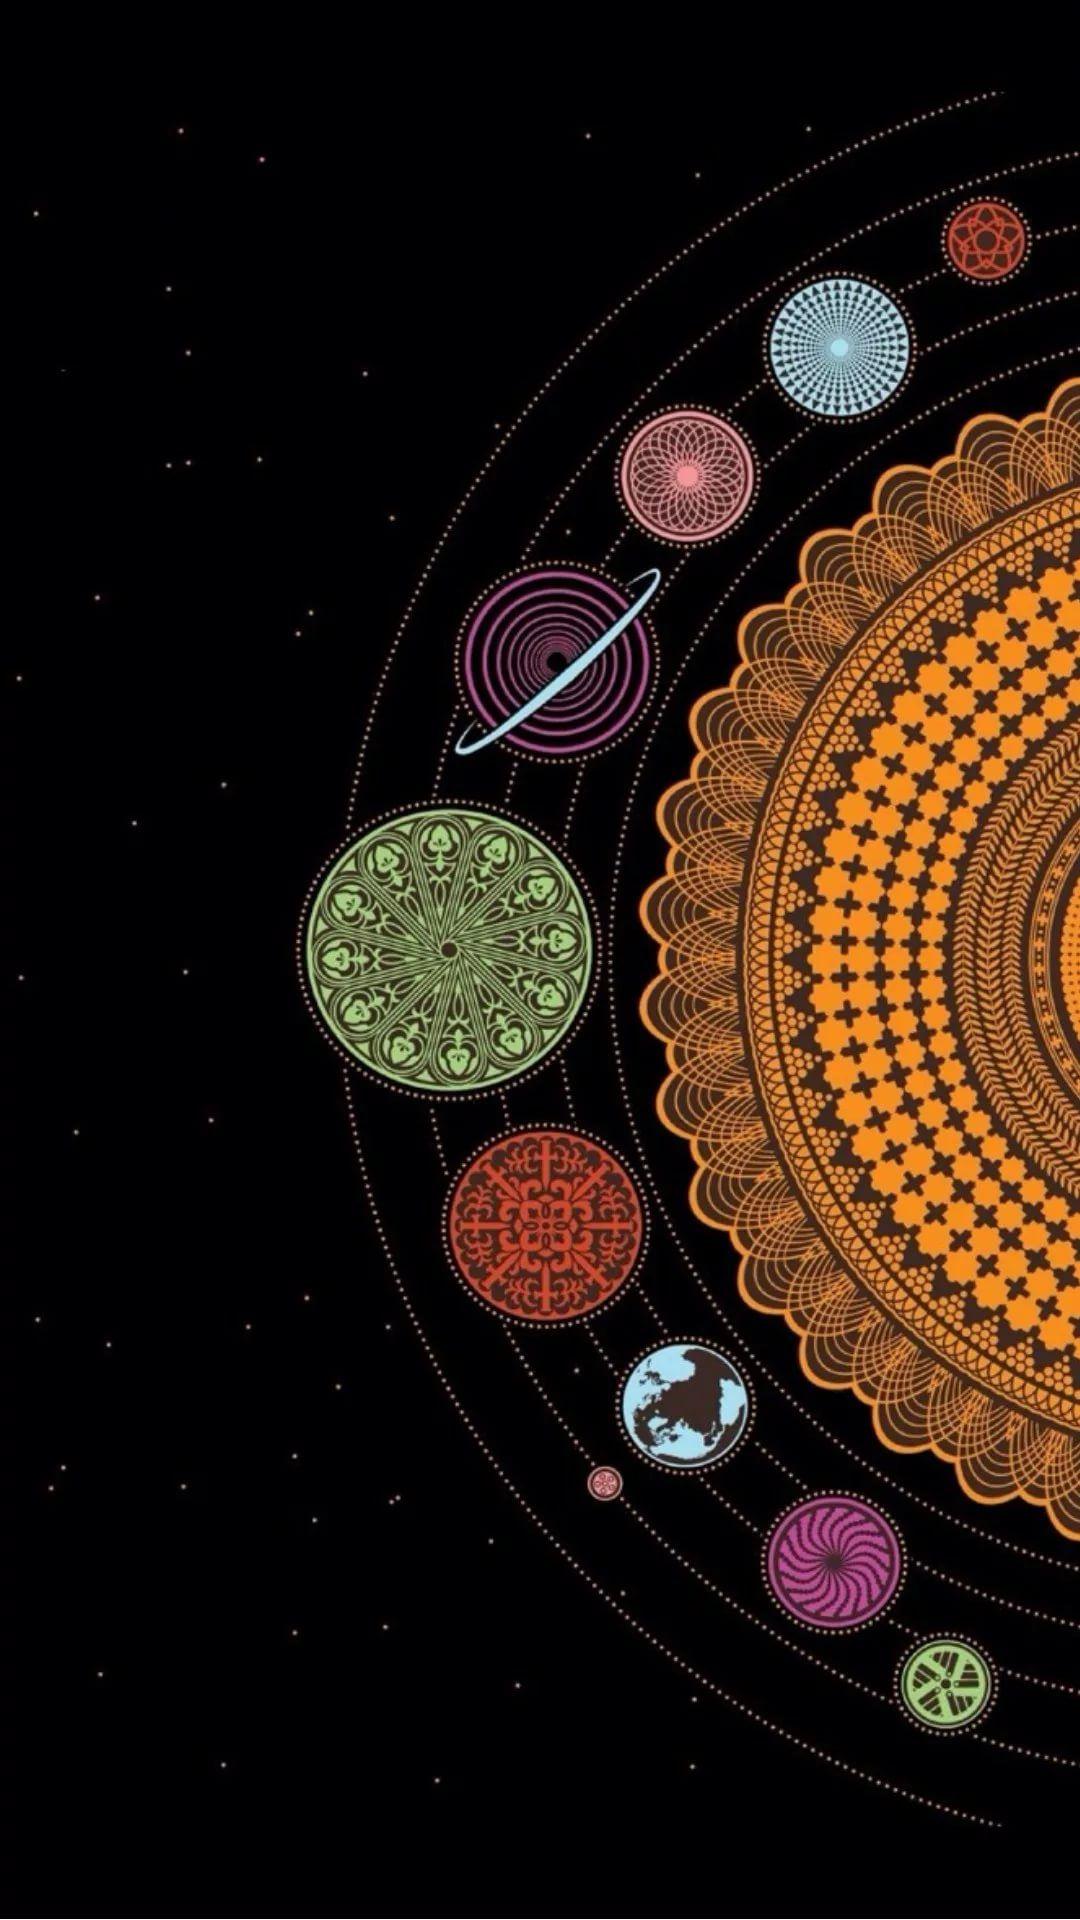 Mandala iPhone wallpaper